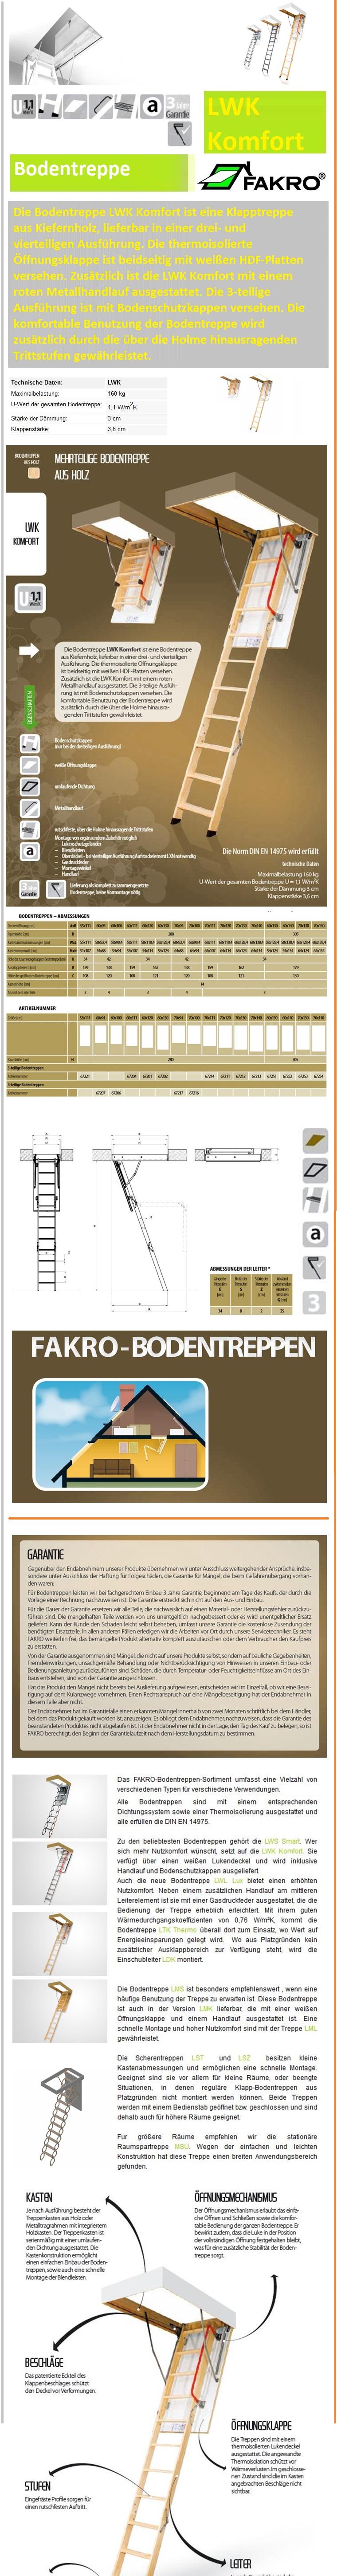 Bodentreppe LWK Komfort Fakro Bodenklapptreppen aus Holz